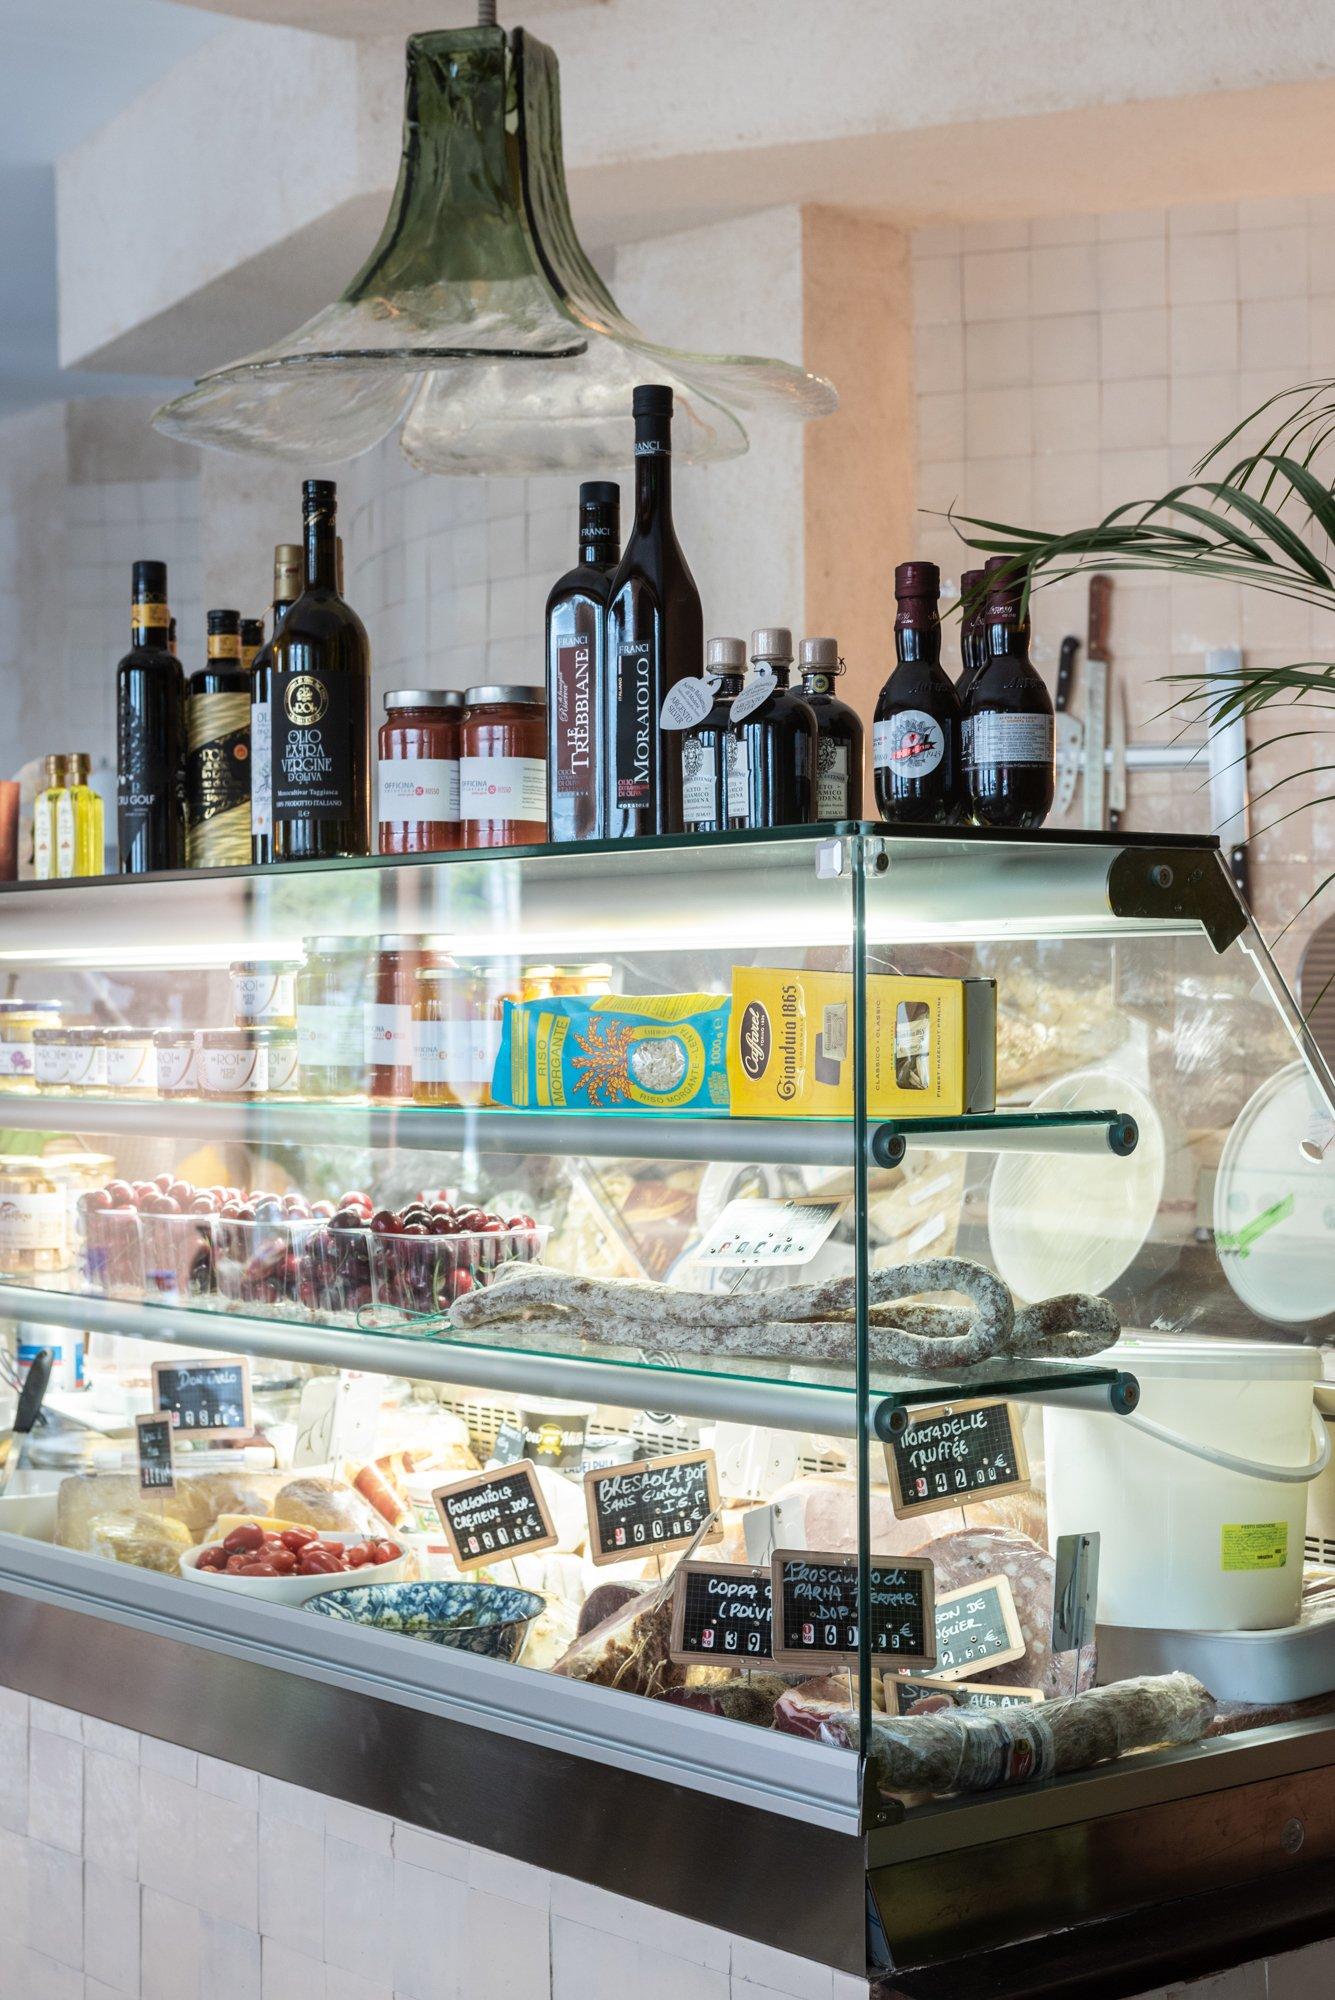 Epicerie Restaurant ZIOTONY Salumeria Laetitia Gennari